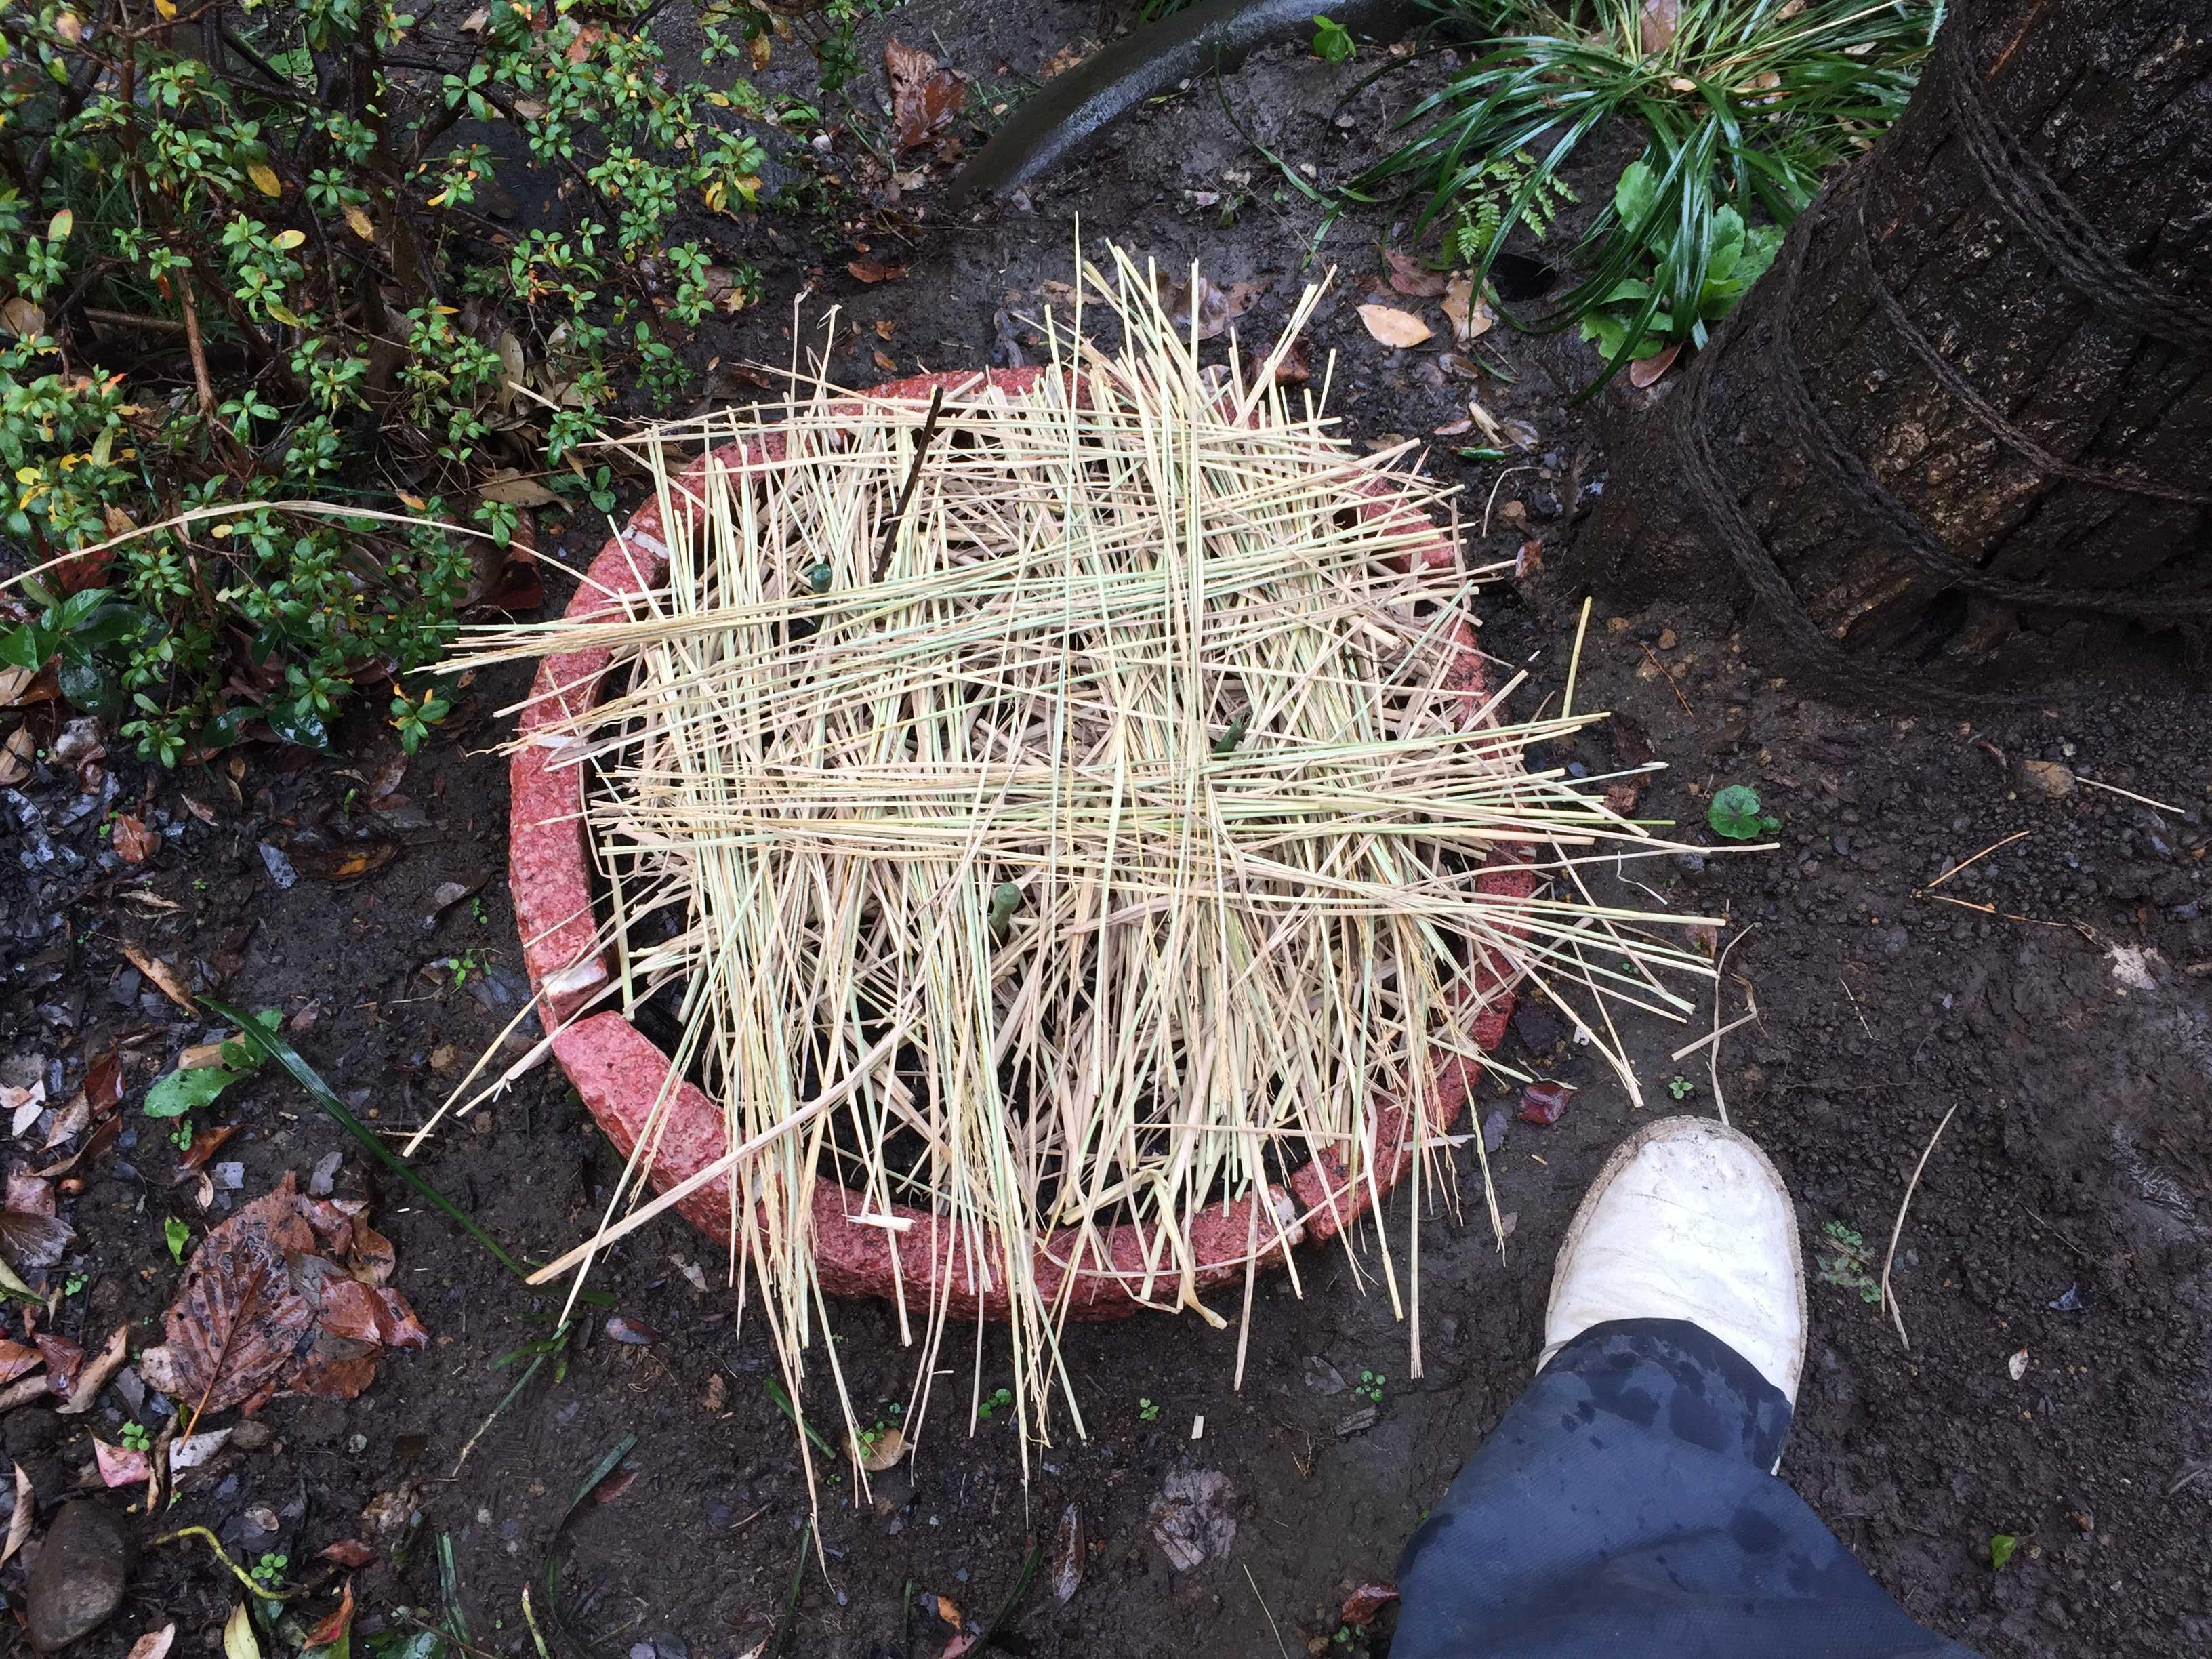 ヤマユリの冬越し(マルチング)のための敷藁